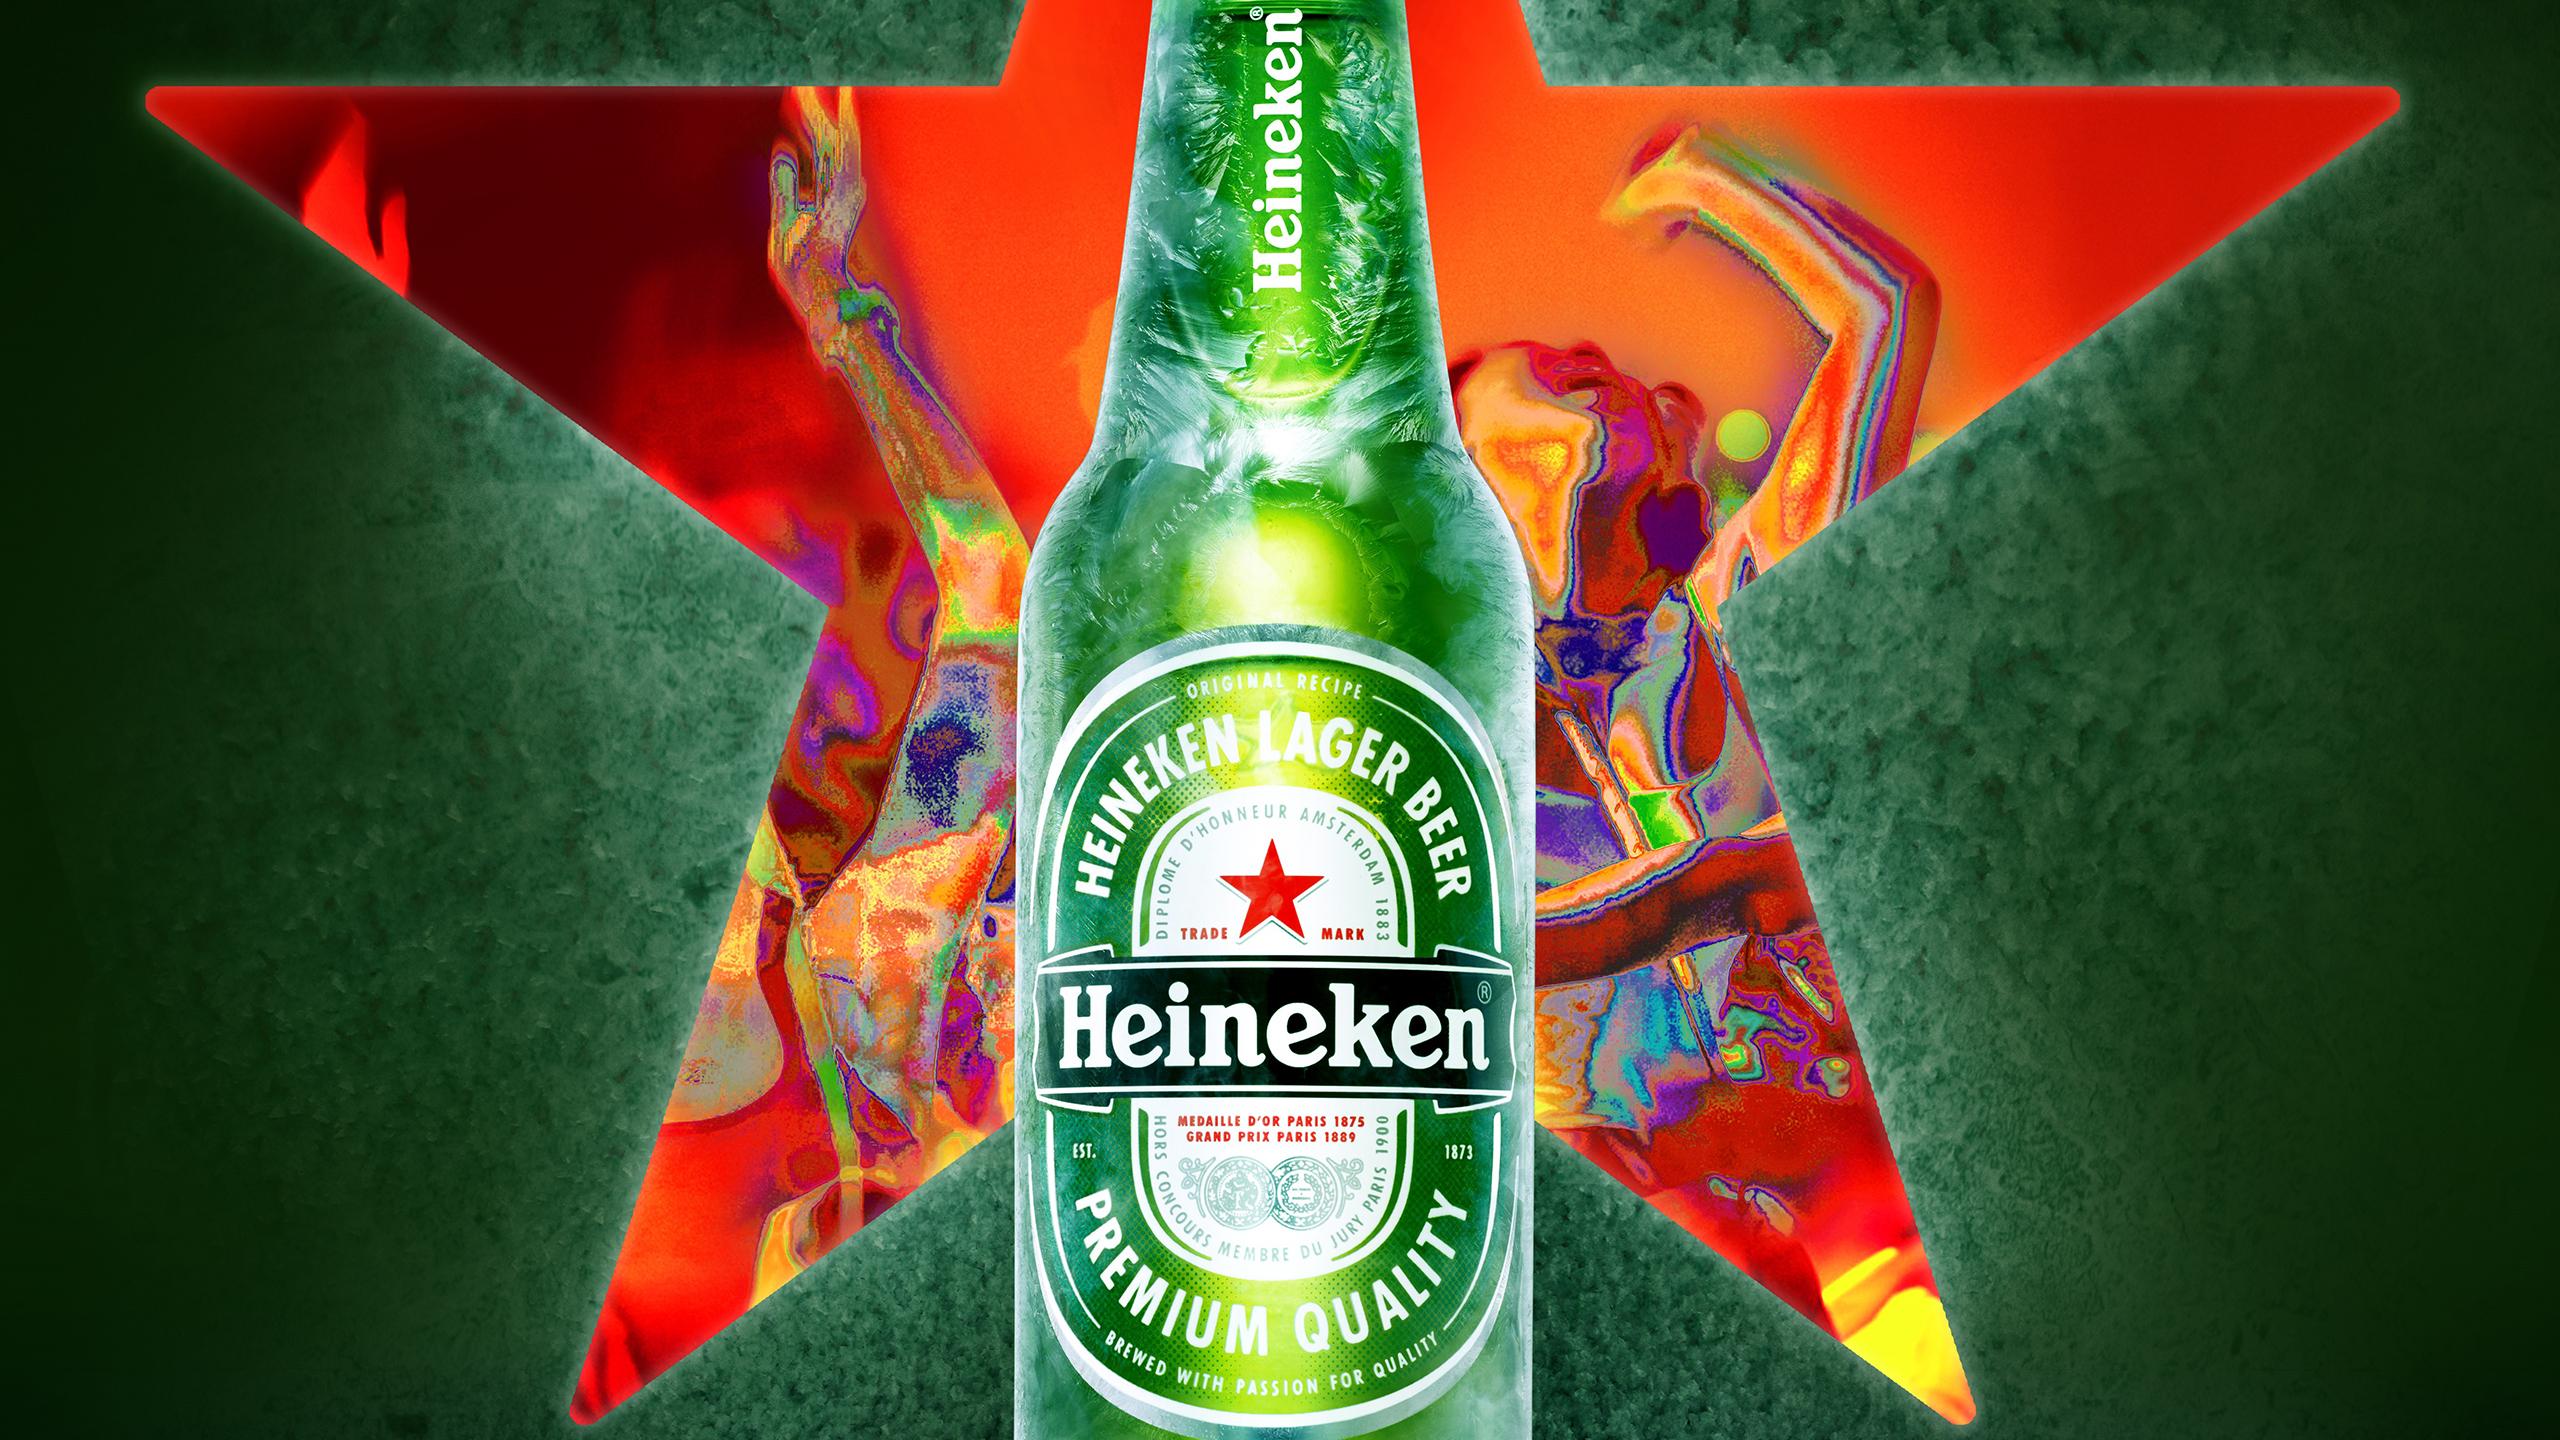 heineken-beer-bier-photography-people-dancing-frost-cold-icecold